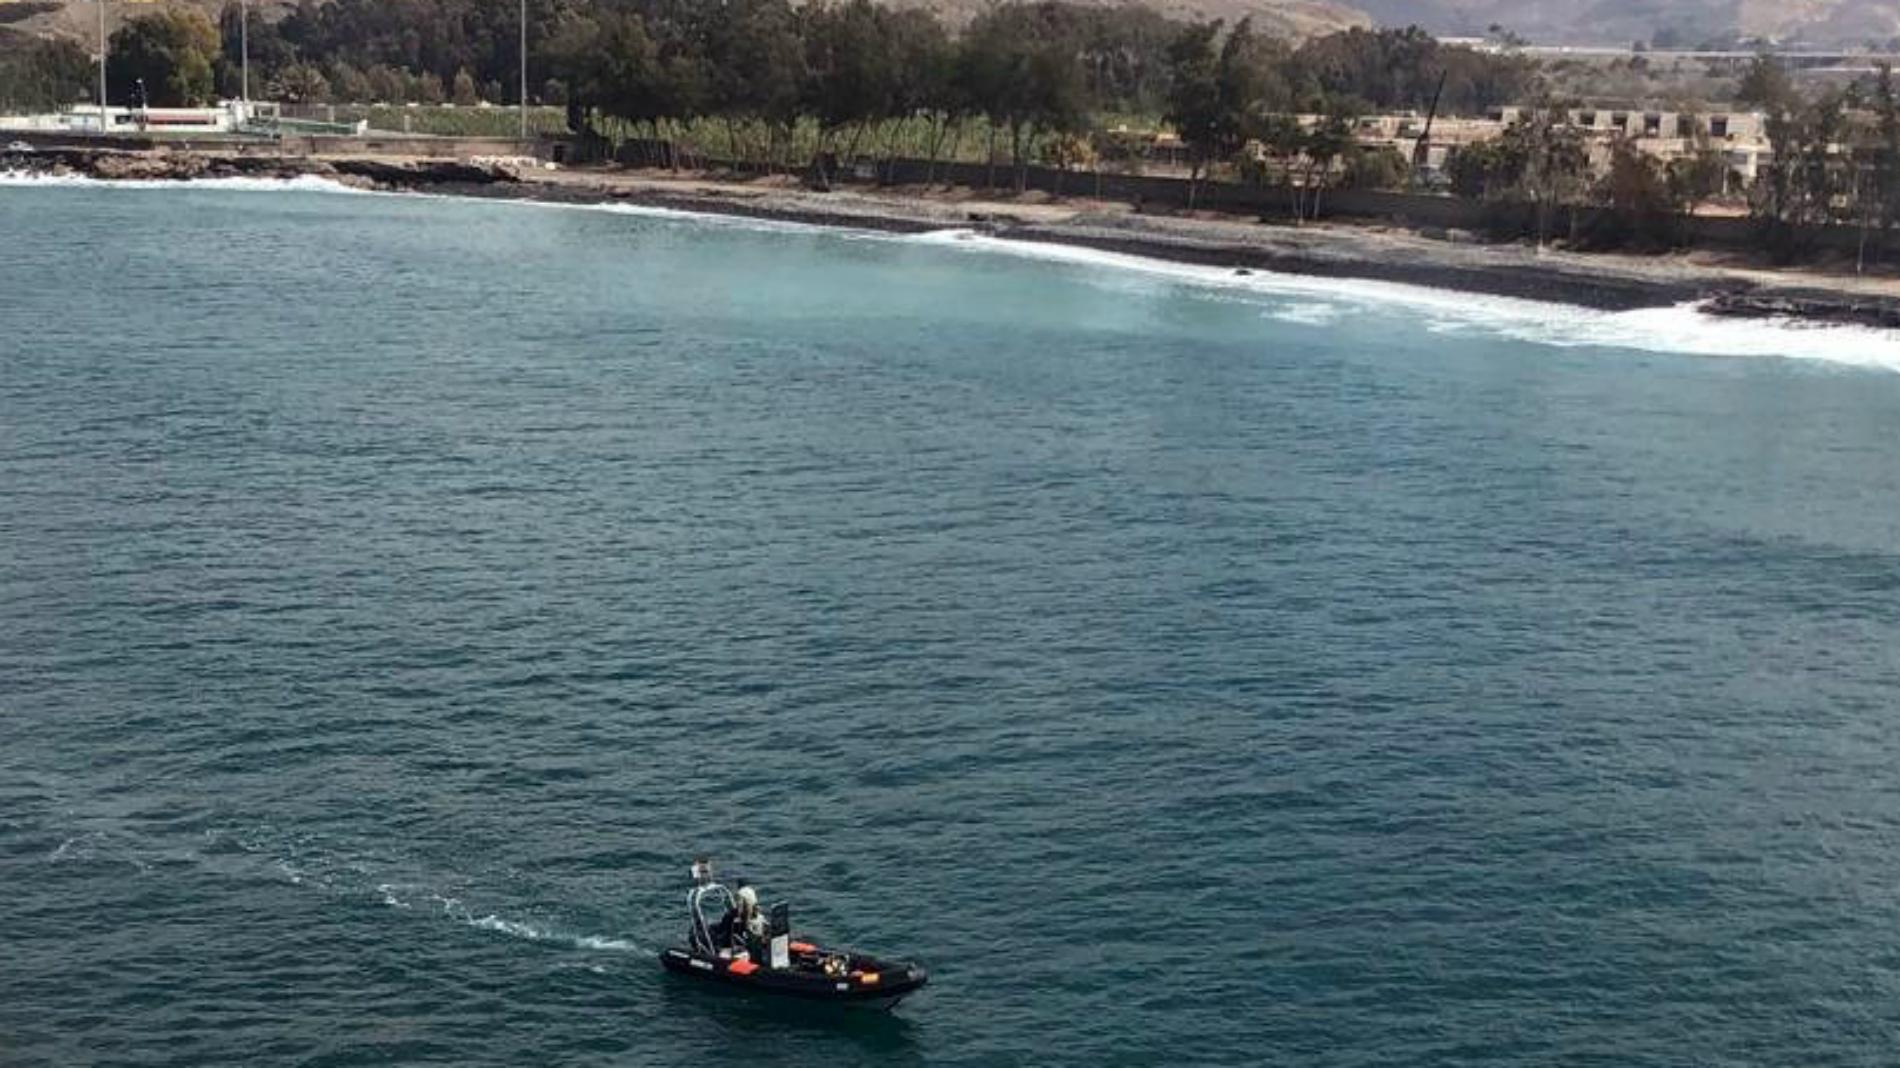 Buscan a un bebé y un hombre desaparecidos en una patera en Gran Canaria